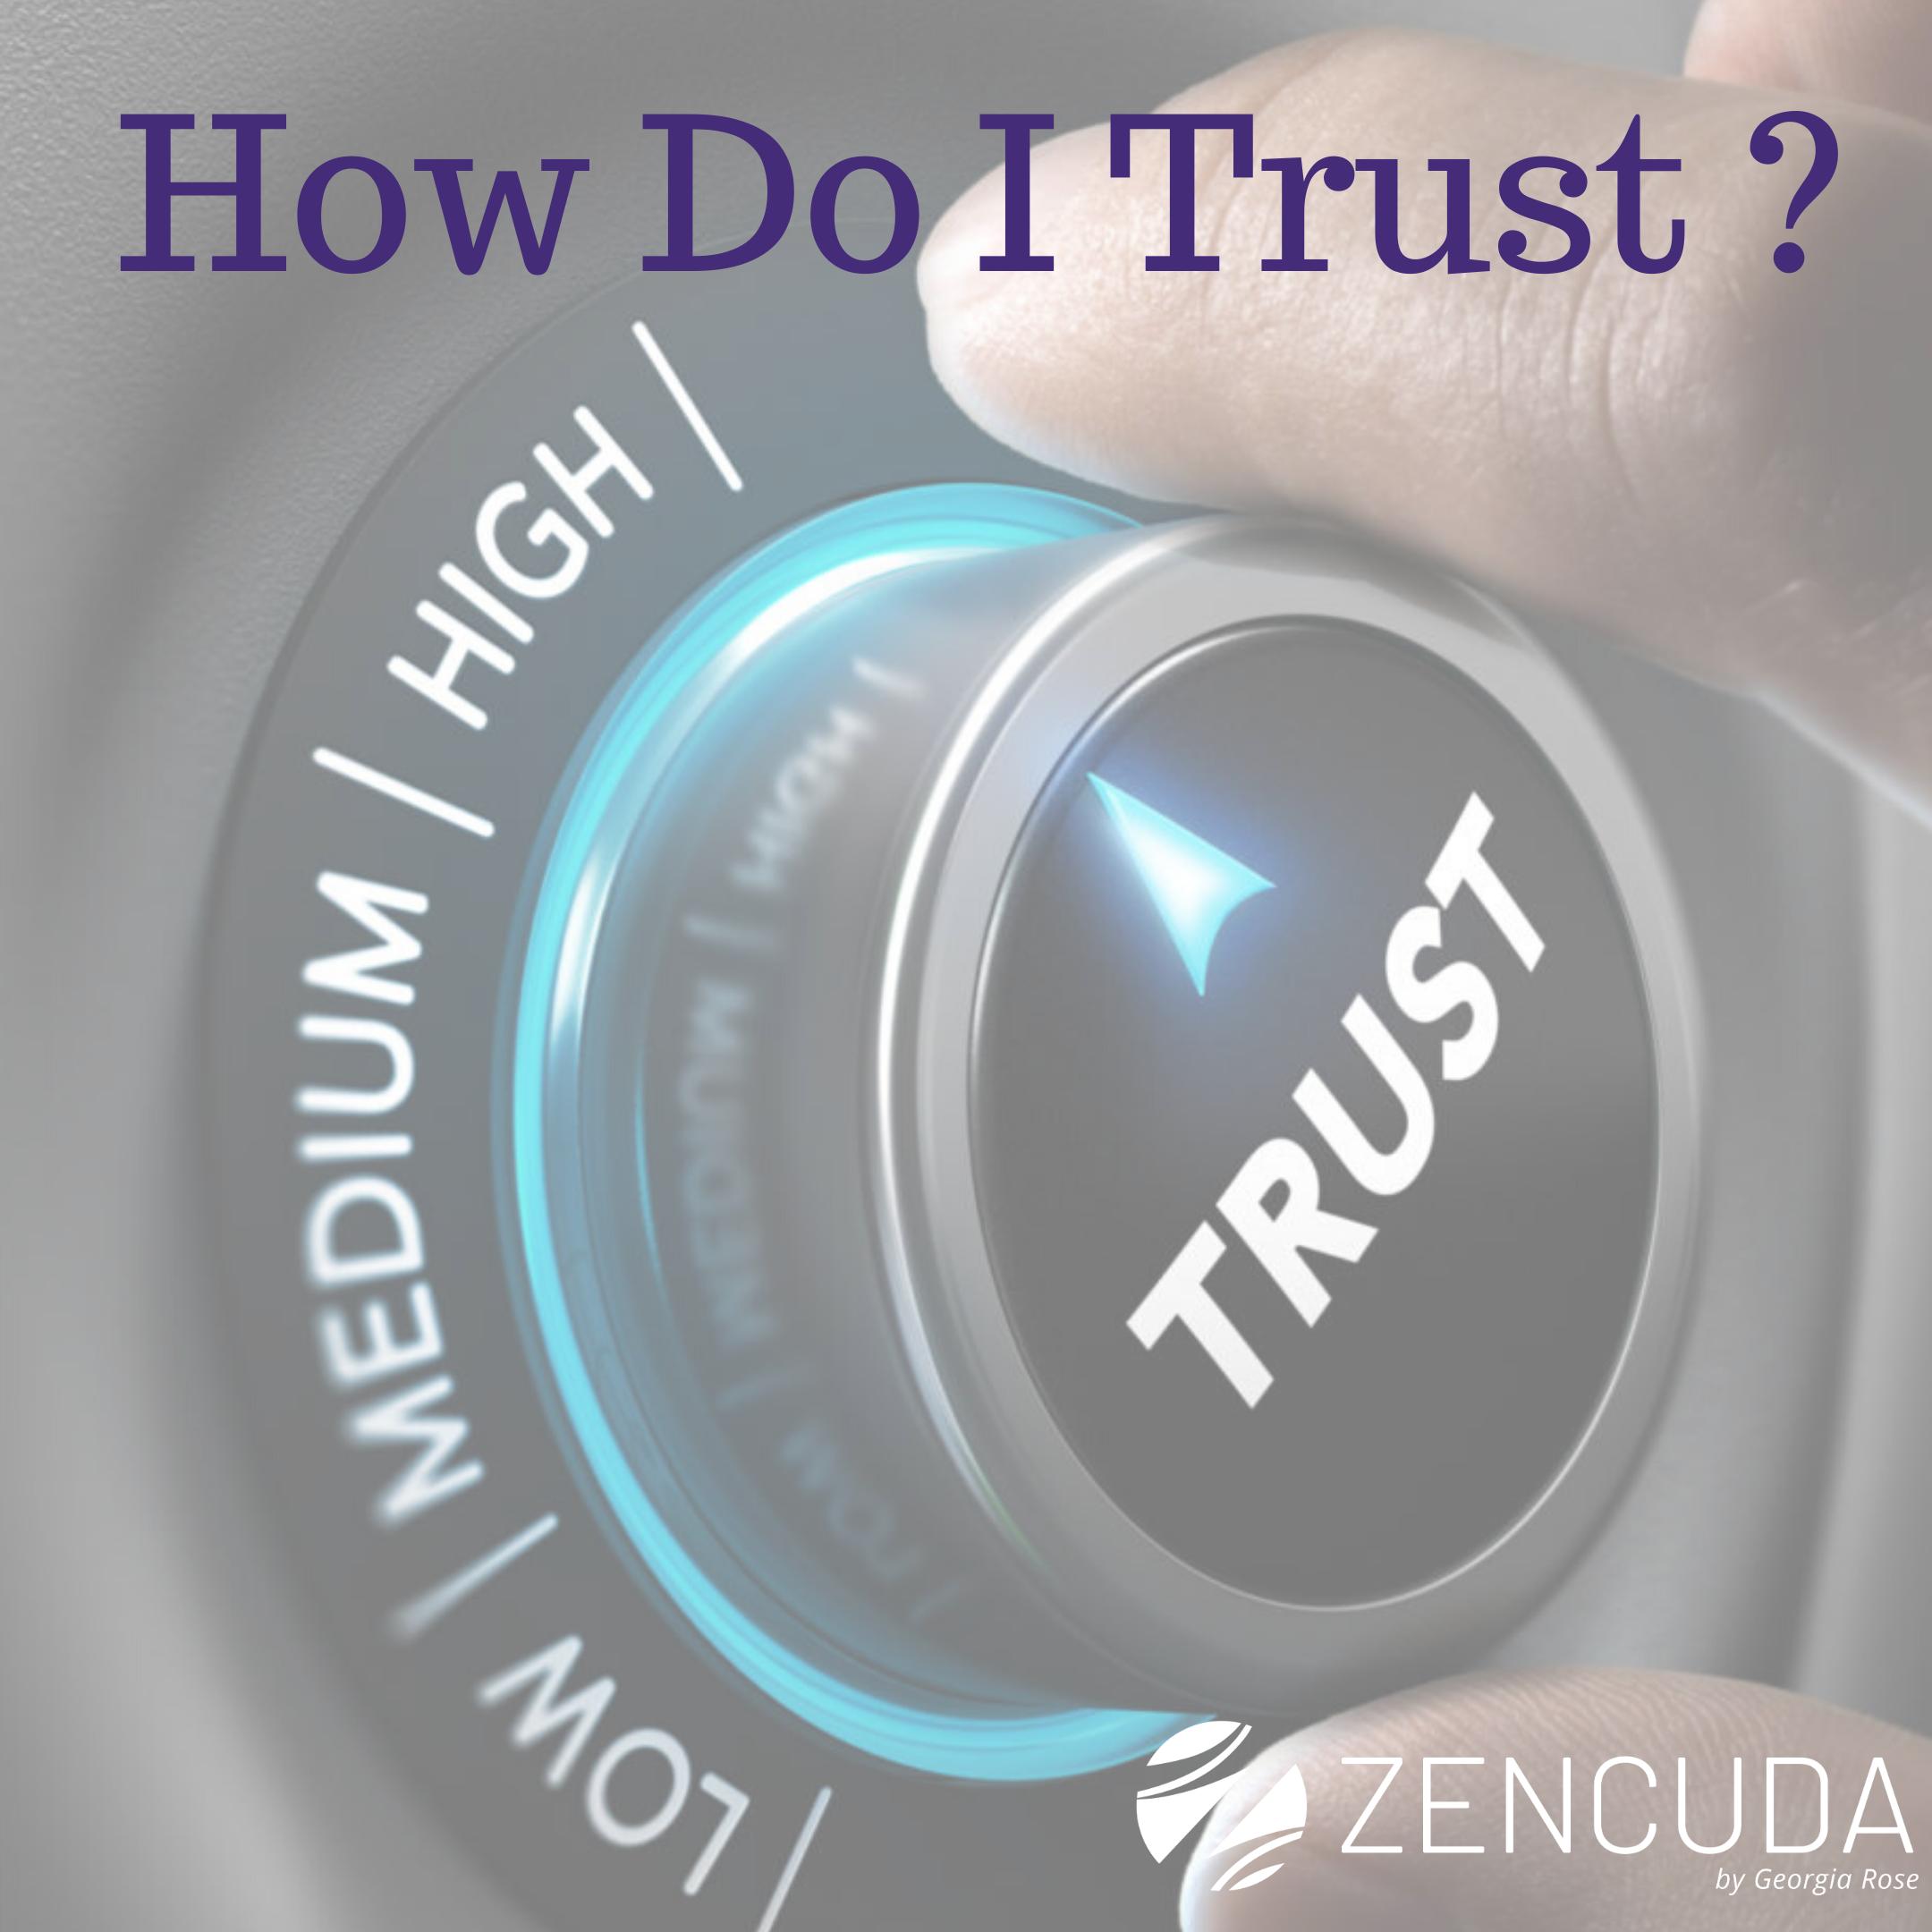 How Do I Trust?